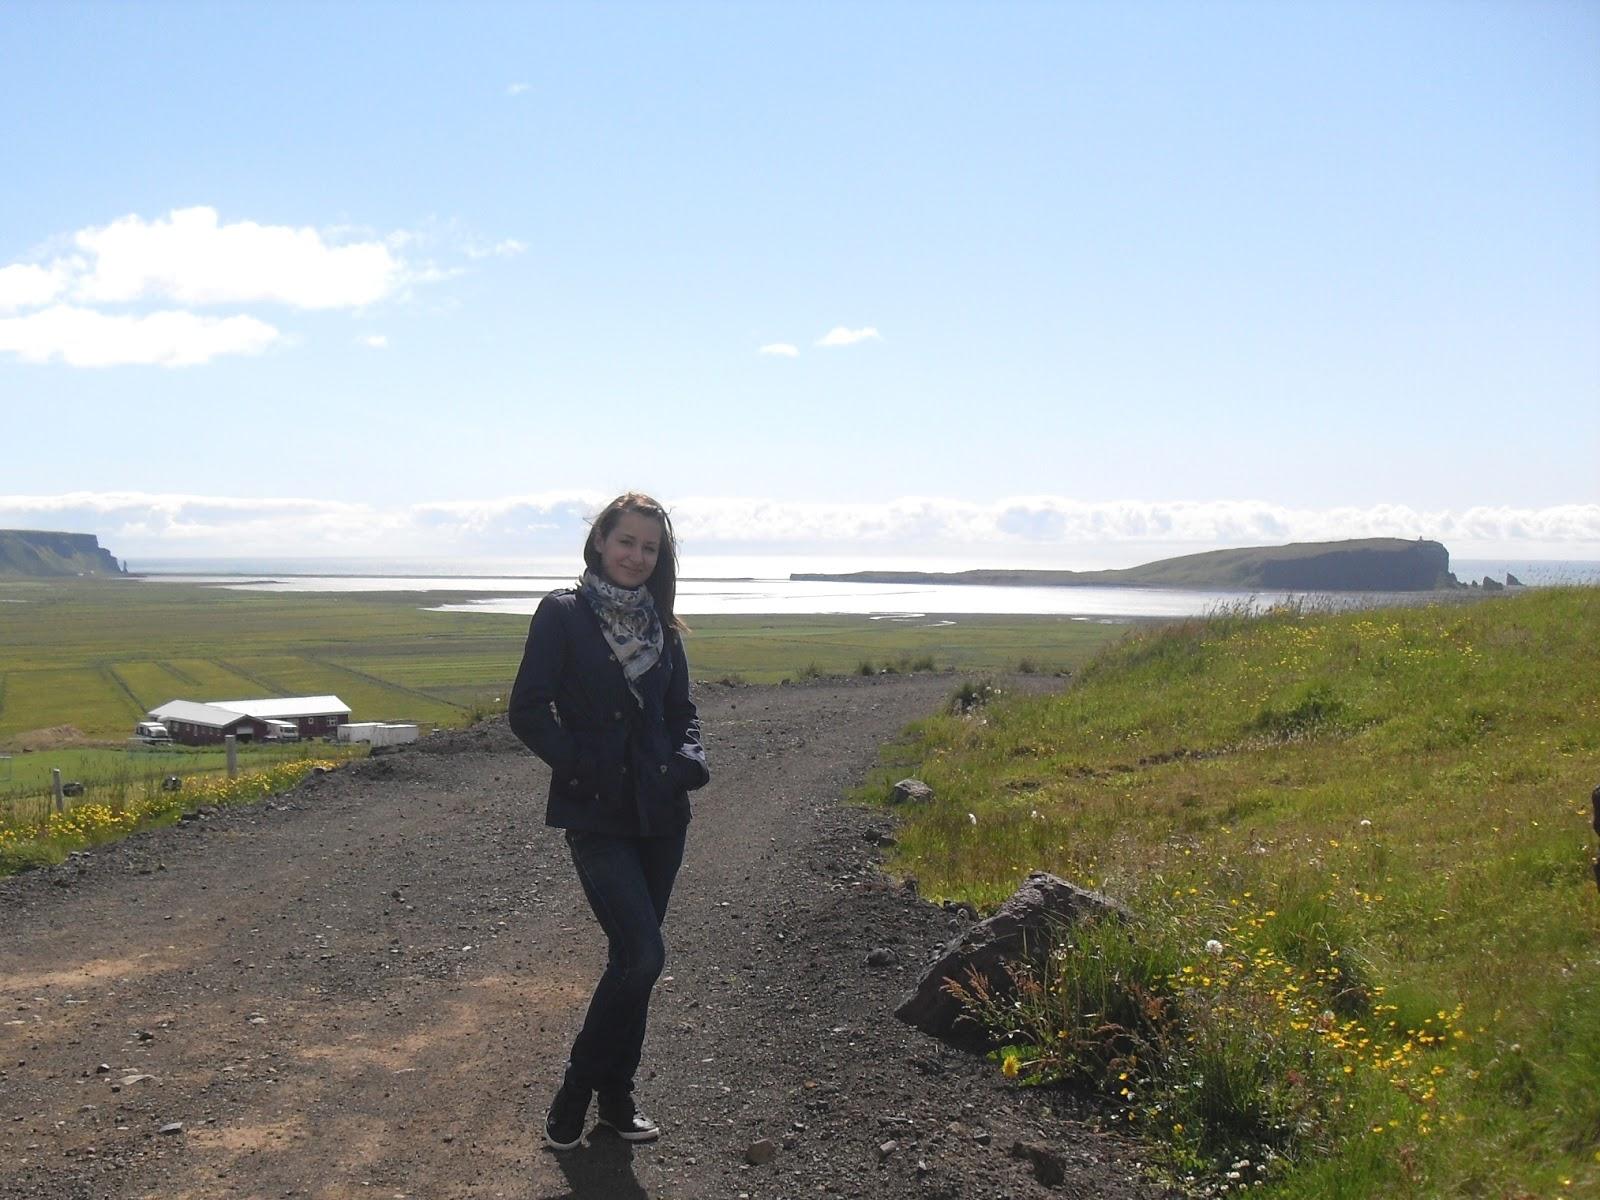 południowa Islandia, atrakcje turystyczne Islandii, Islandia, blog o Islandii, praca w Islandii, pani dorcia, blog podróżniczy, blog fotograficzny